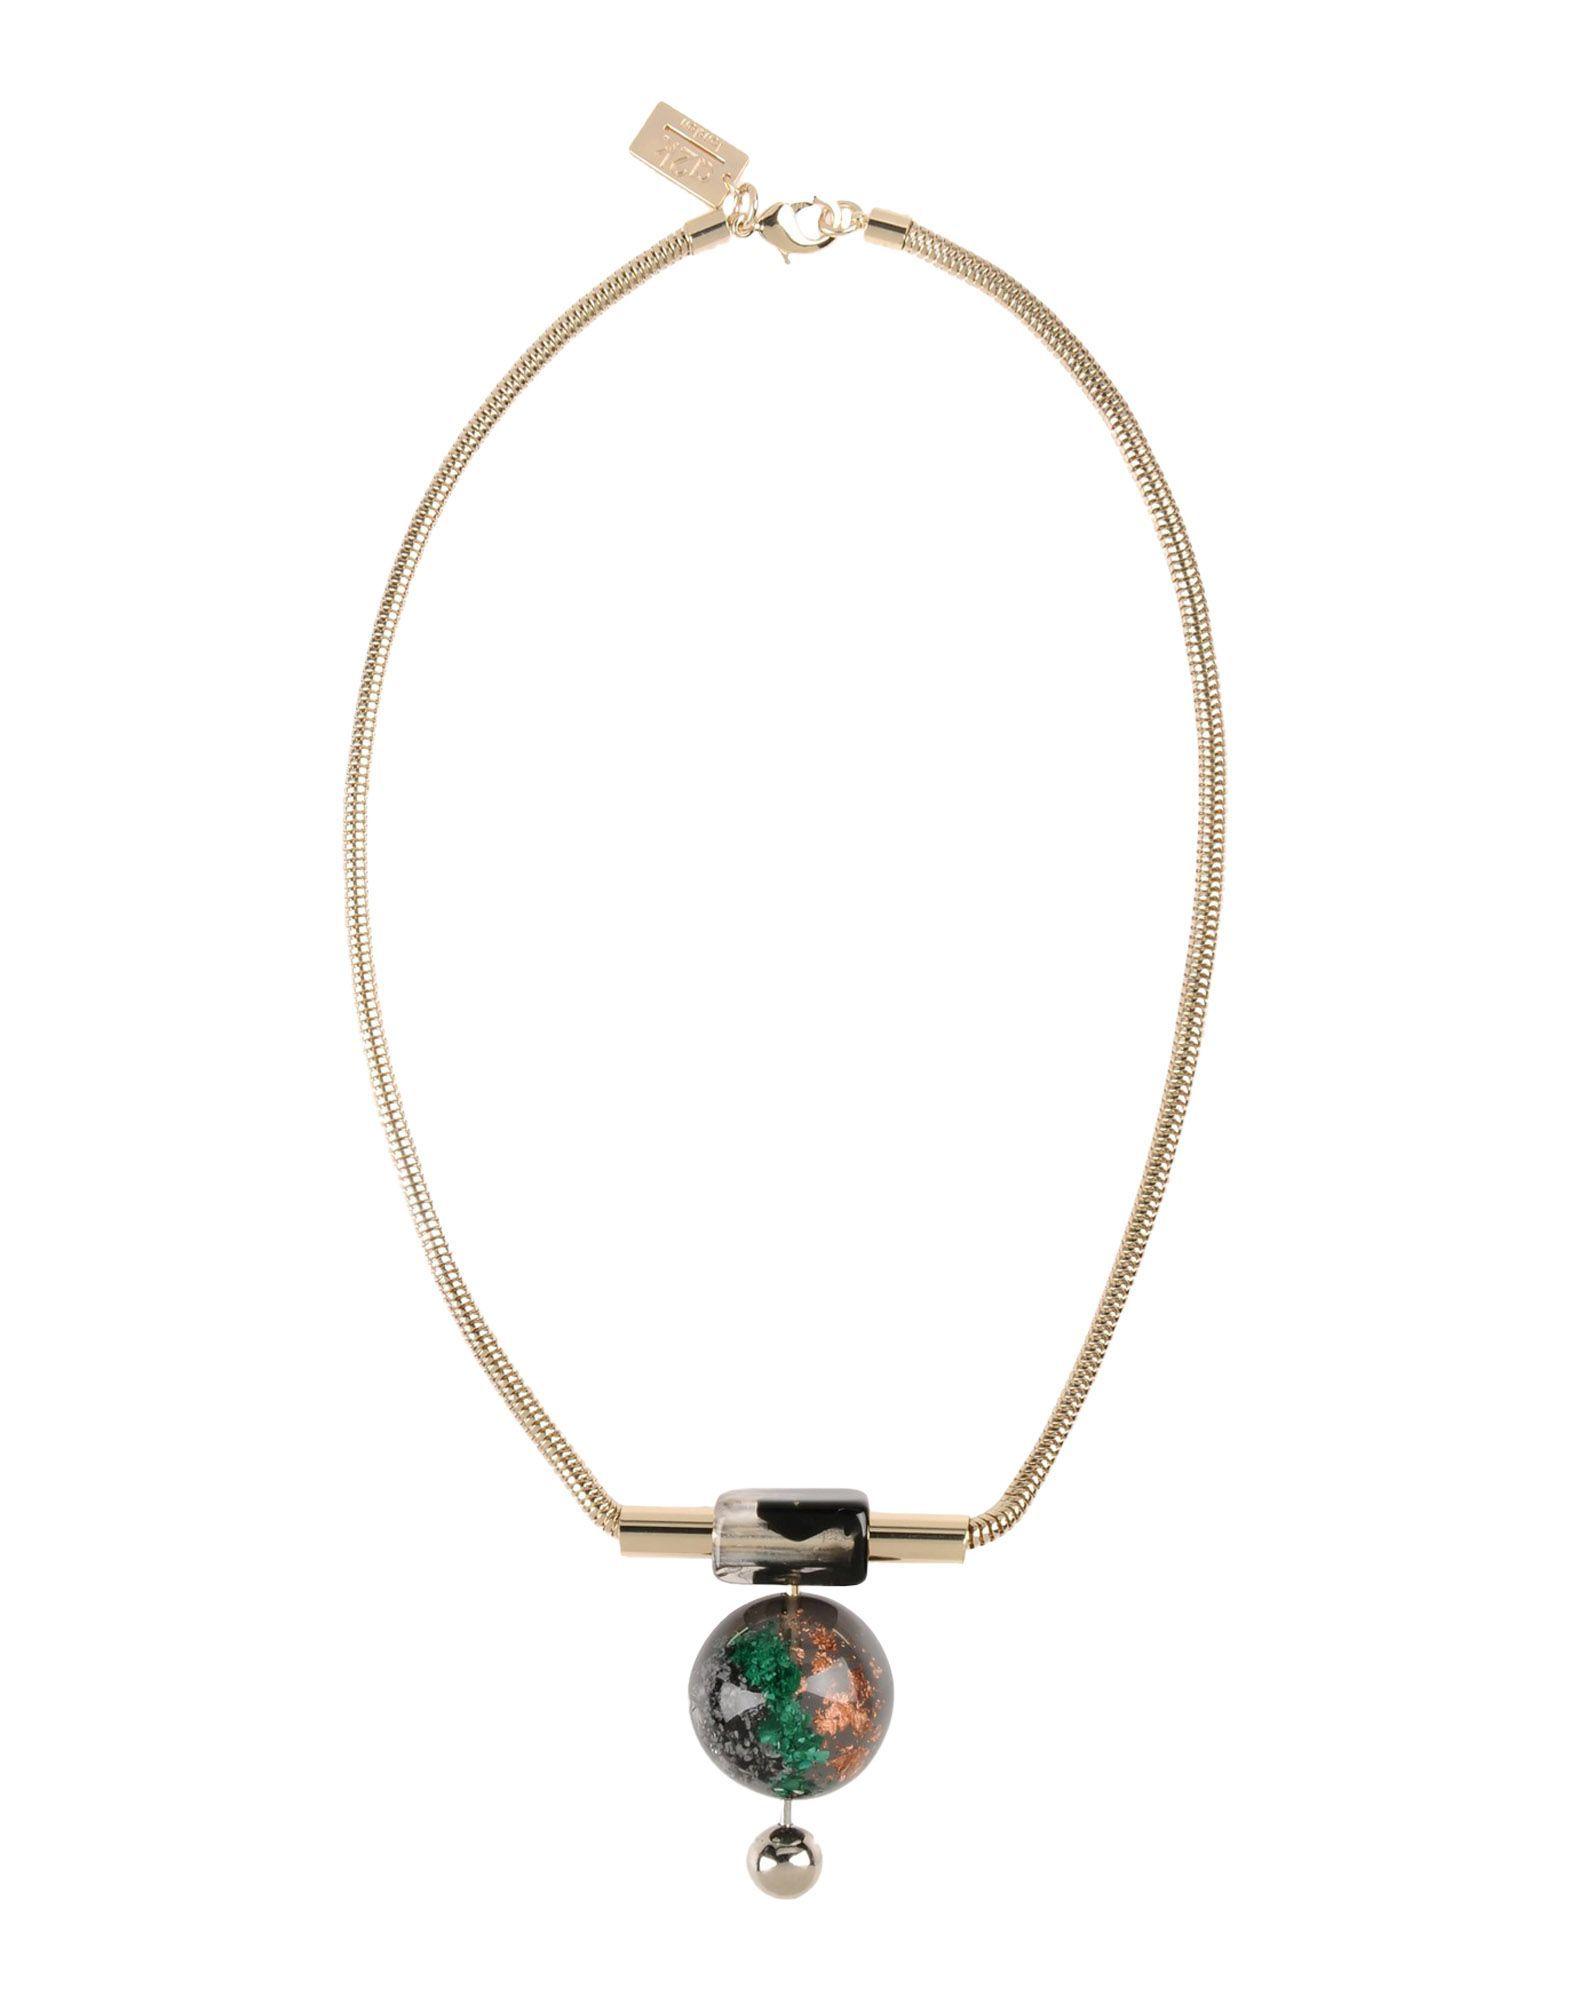 A2K JEWELRY - Necklaces su YOOX.COM KVIydAL